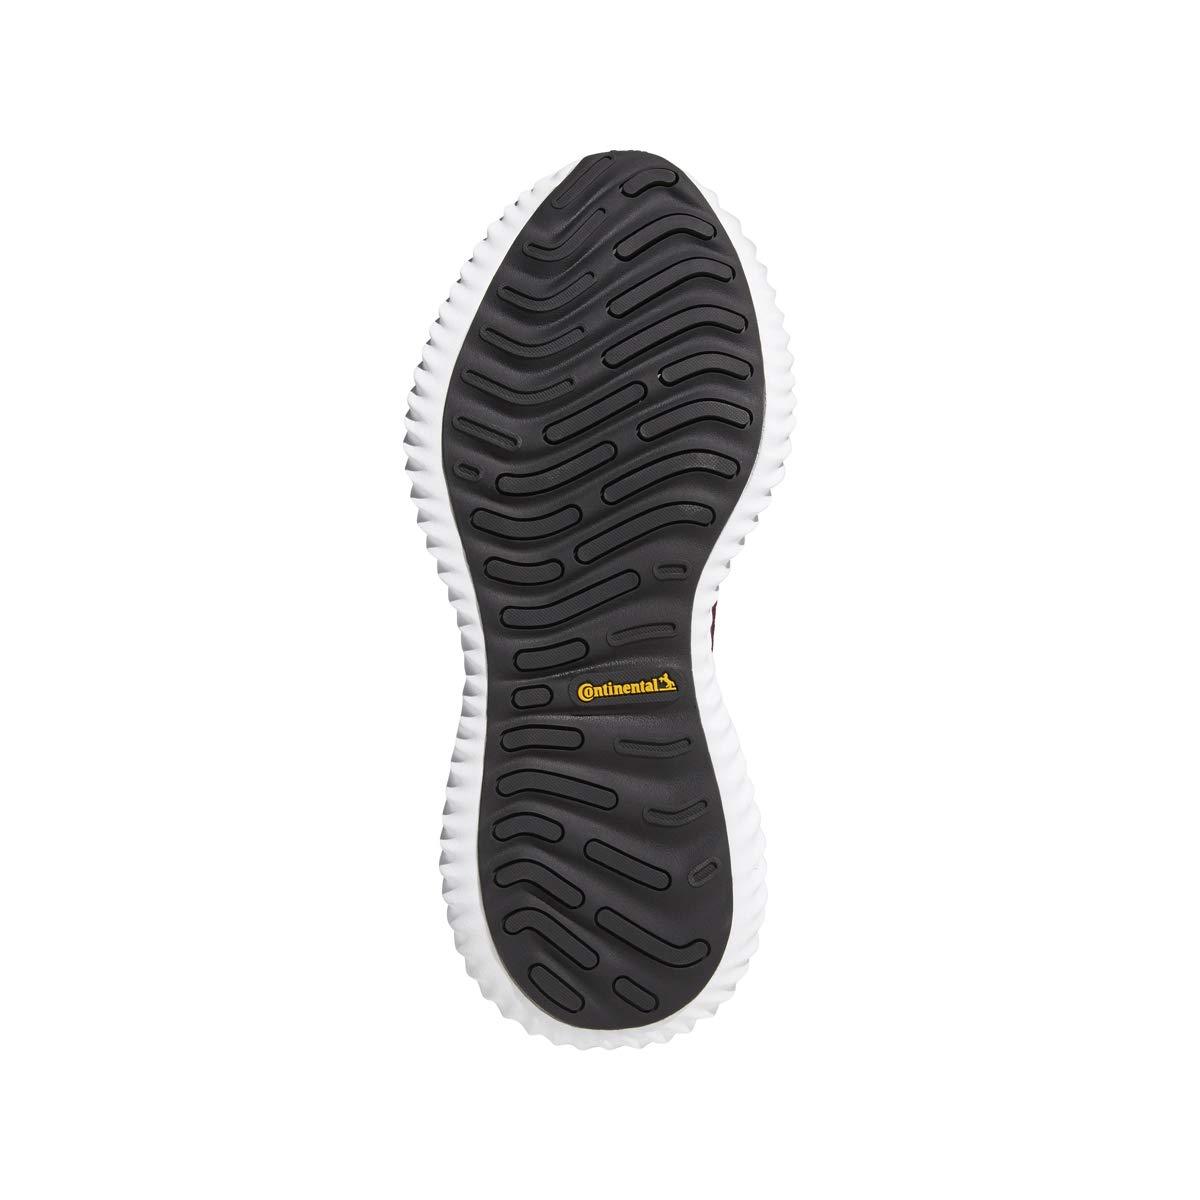 alphabounce hommes / de femmes au - delà de / ncaa chaussure adidas hommes est de la plus haute qualité de traiteHommes t de l'utilisation ra15502 matériau parfait 053b01